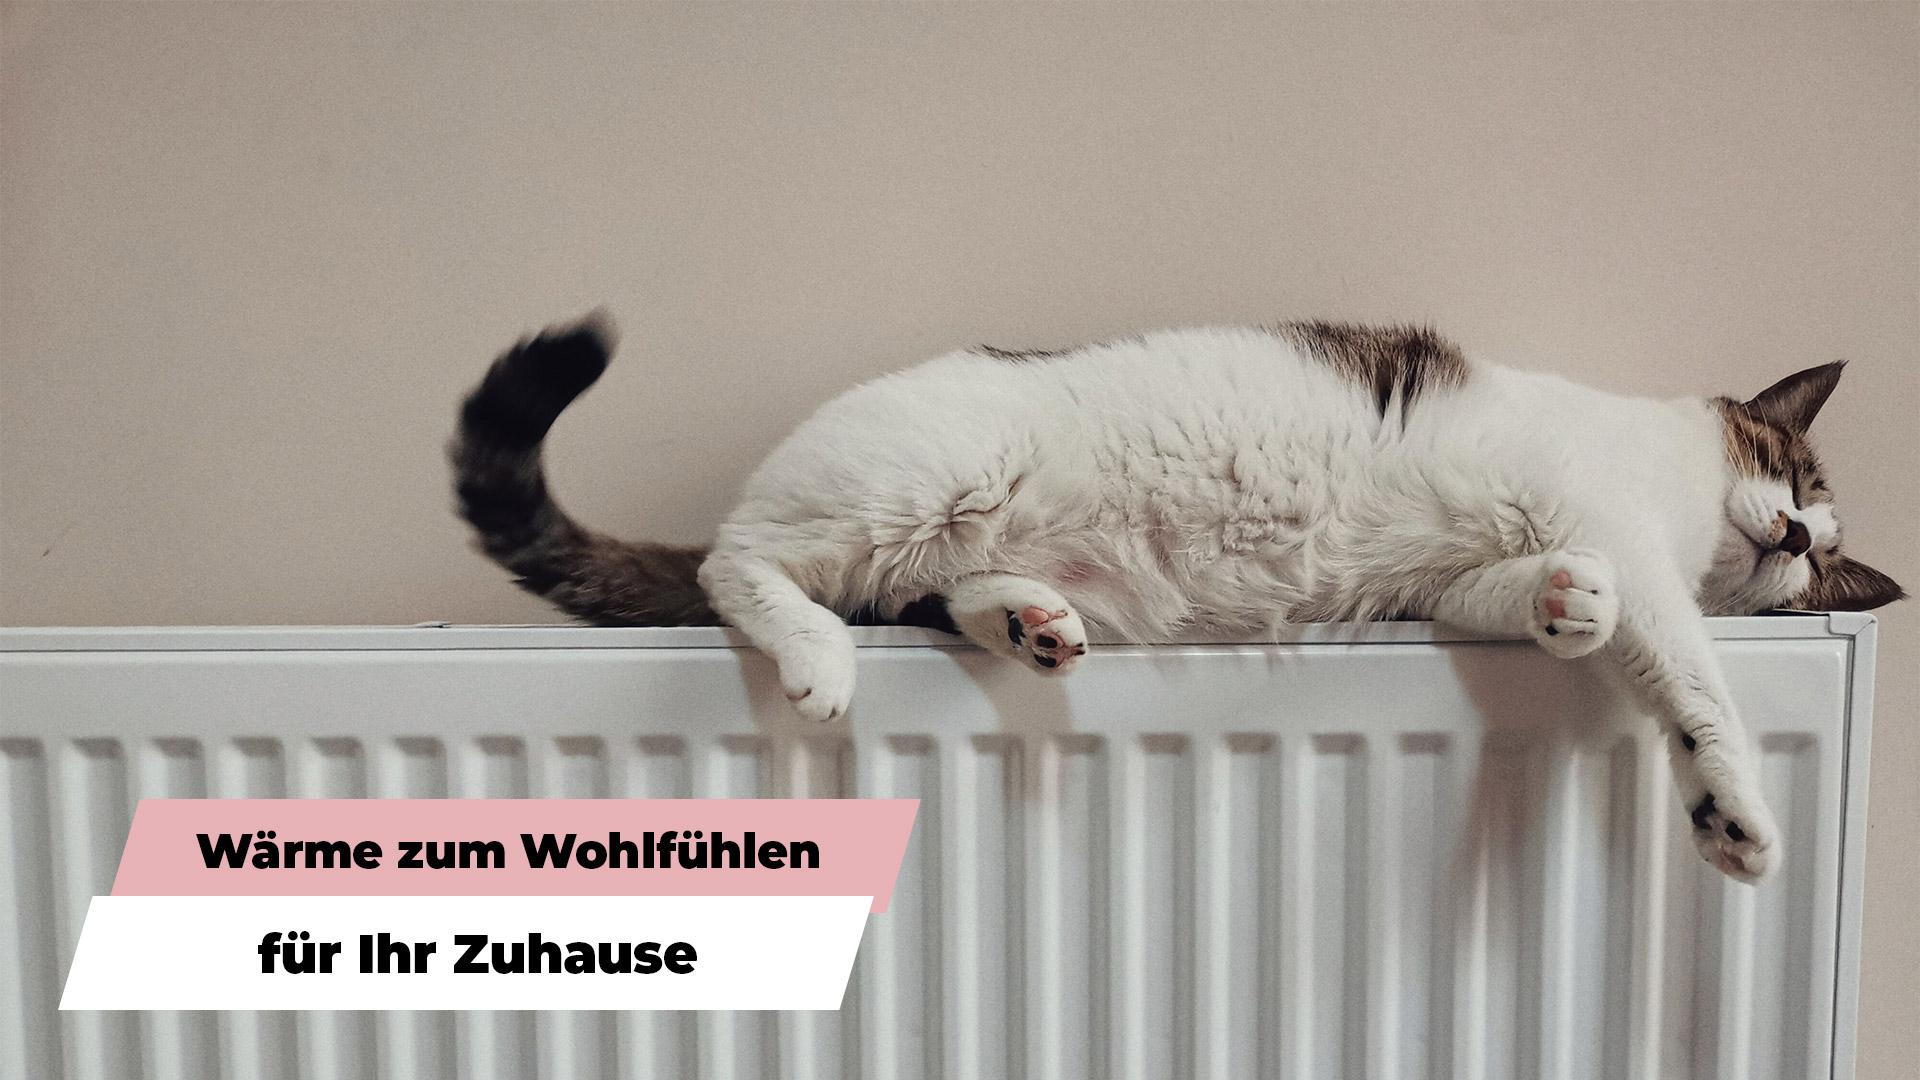 Wärme zum Wohlfühlen für Ihr Zuhause